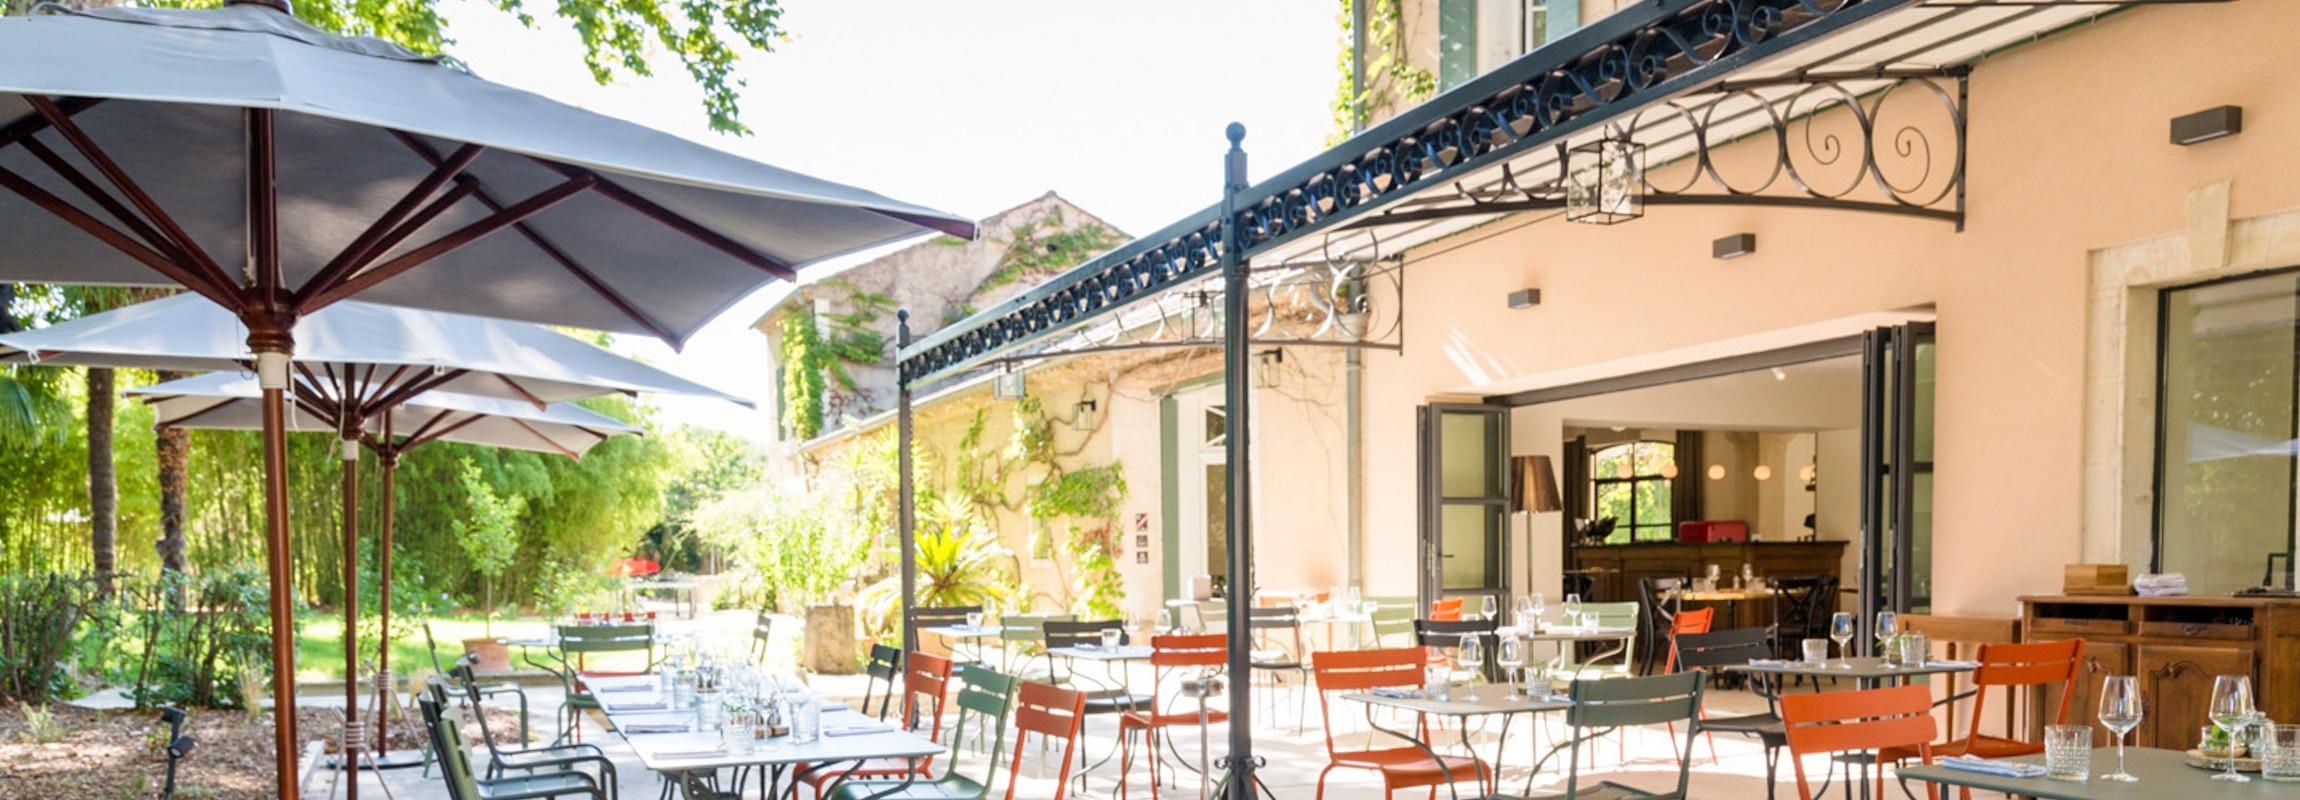 The Bistro de Montcaud has 50 outdoor and 50 indoor seats